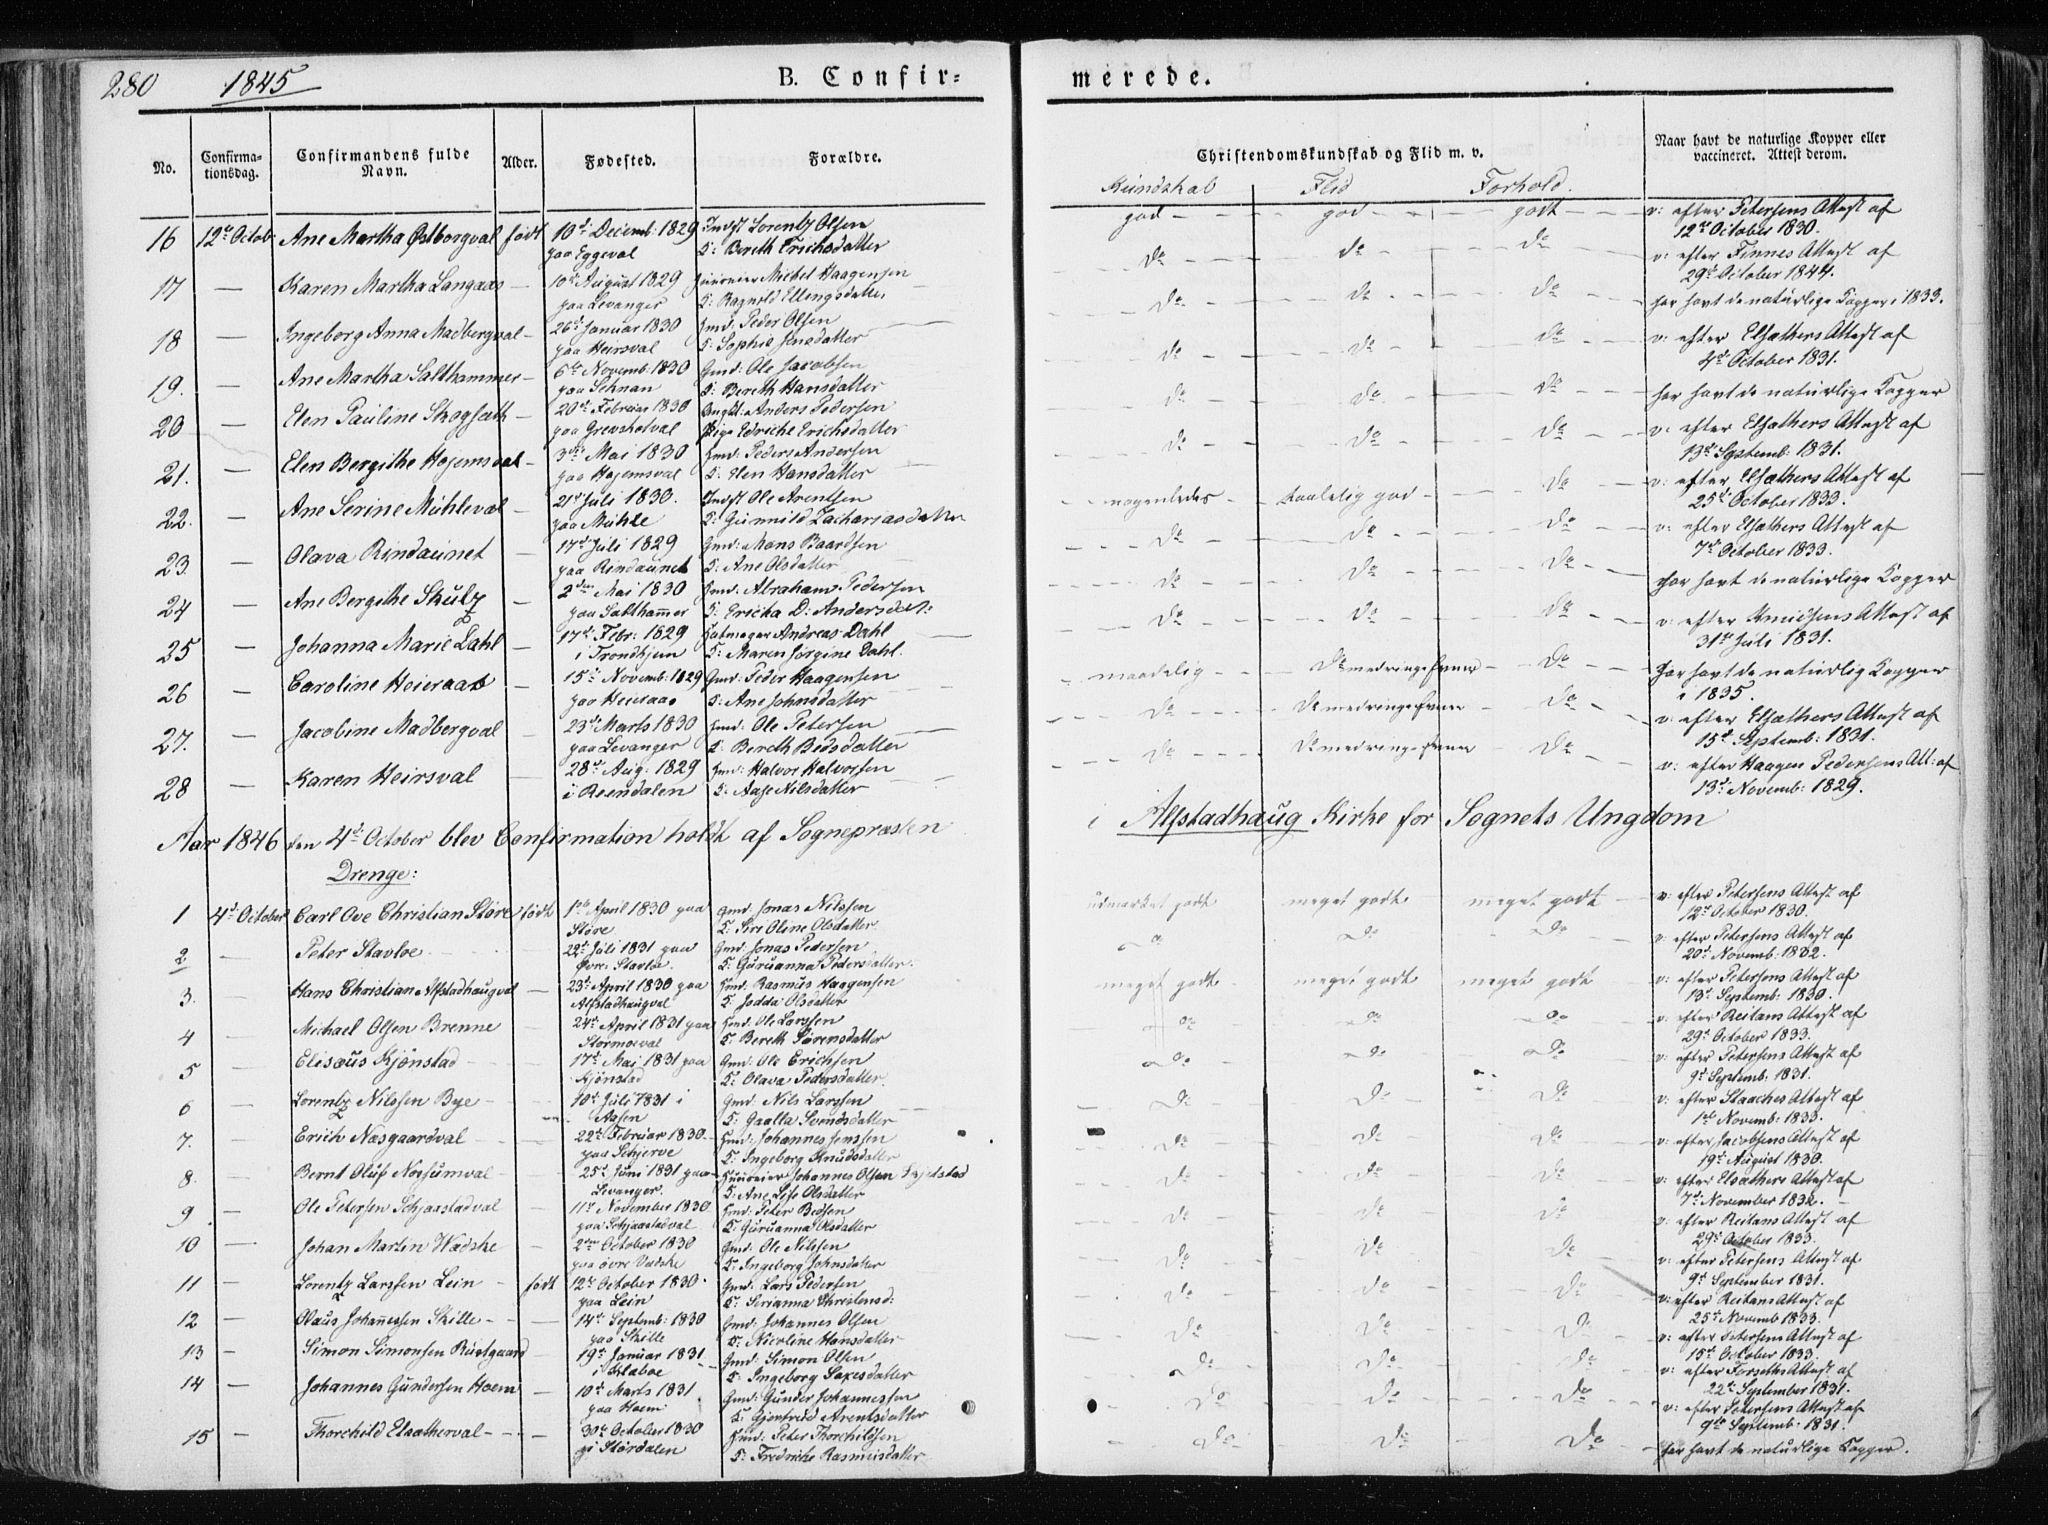 SAT, Ministerialprotokoller, klokkerbøker og fødselsregistre - Nord-Trøndelag, 717/L0154: Ministerialbok nr. 717A06 /1, 1836-1849, s. 280